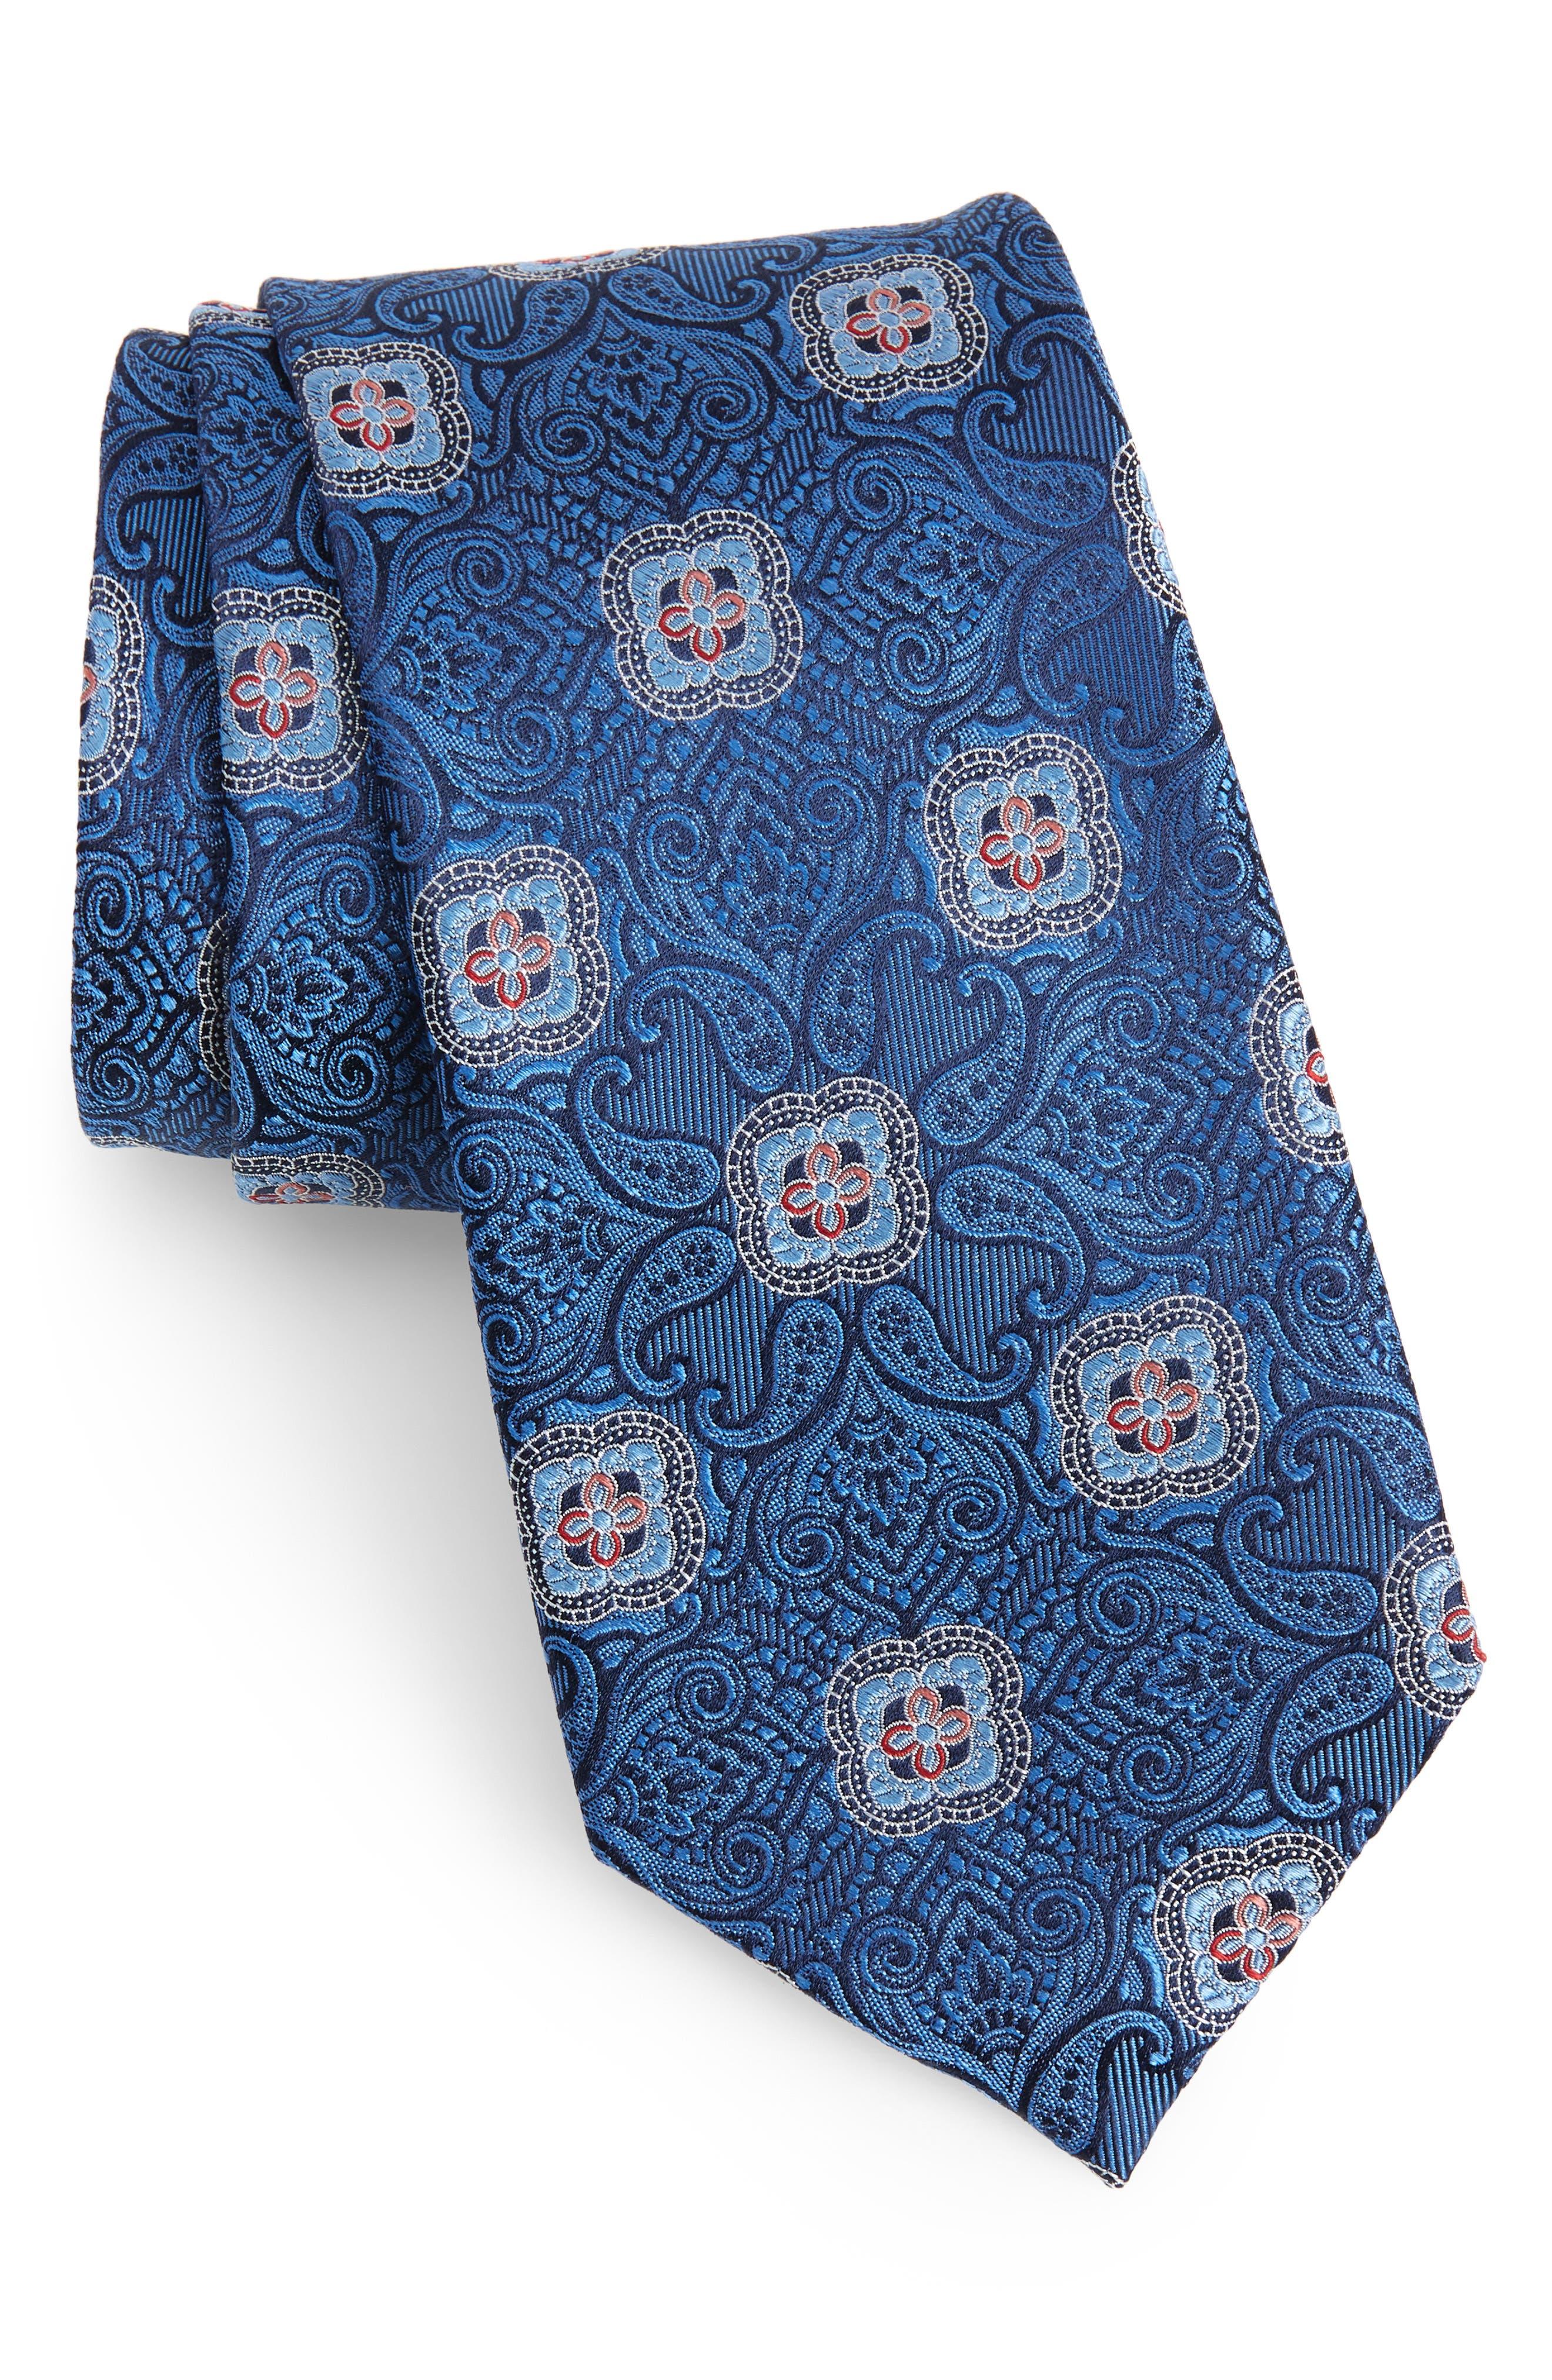 Alvarez Medallion Silk Tie,                         Main,                         color, 400